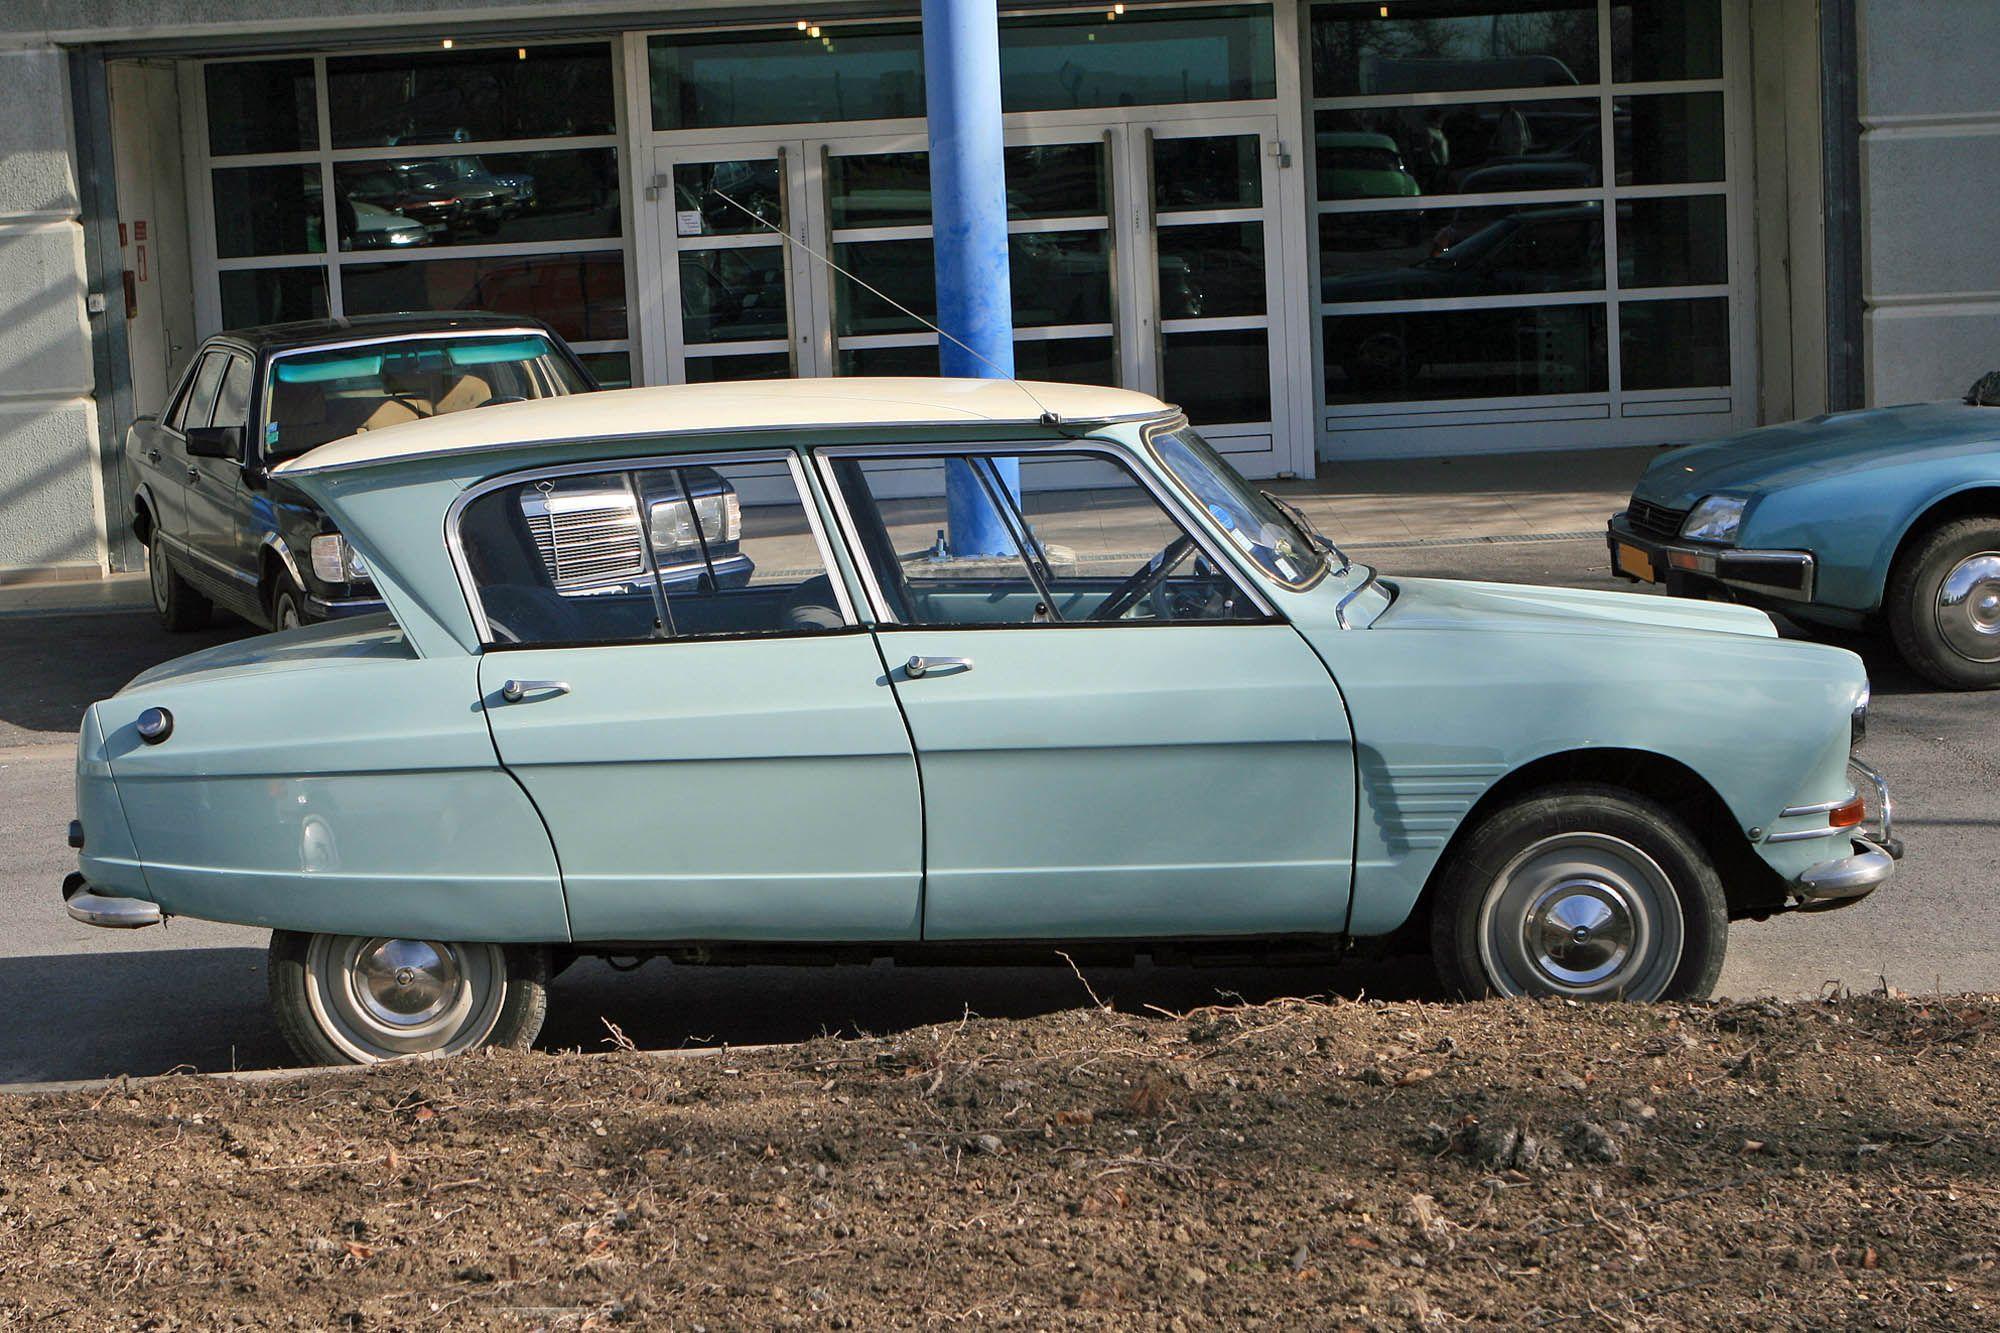 Description du véhicule Citroën Ami 6 – Encyclopédie automobile Encyclautomob…